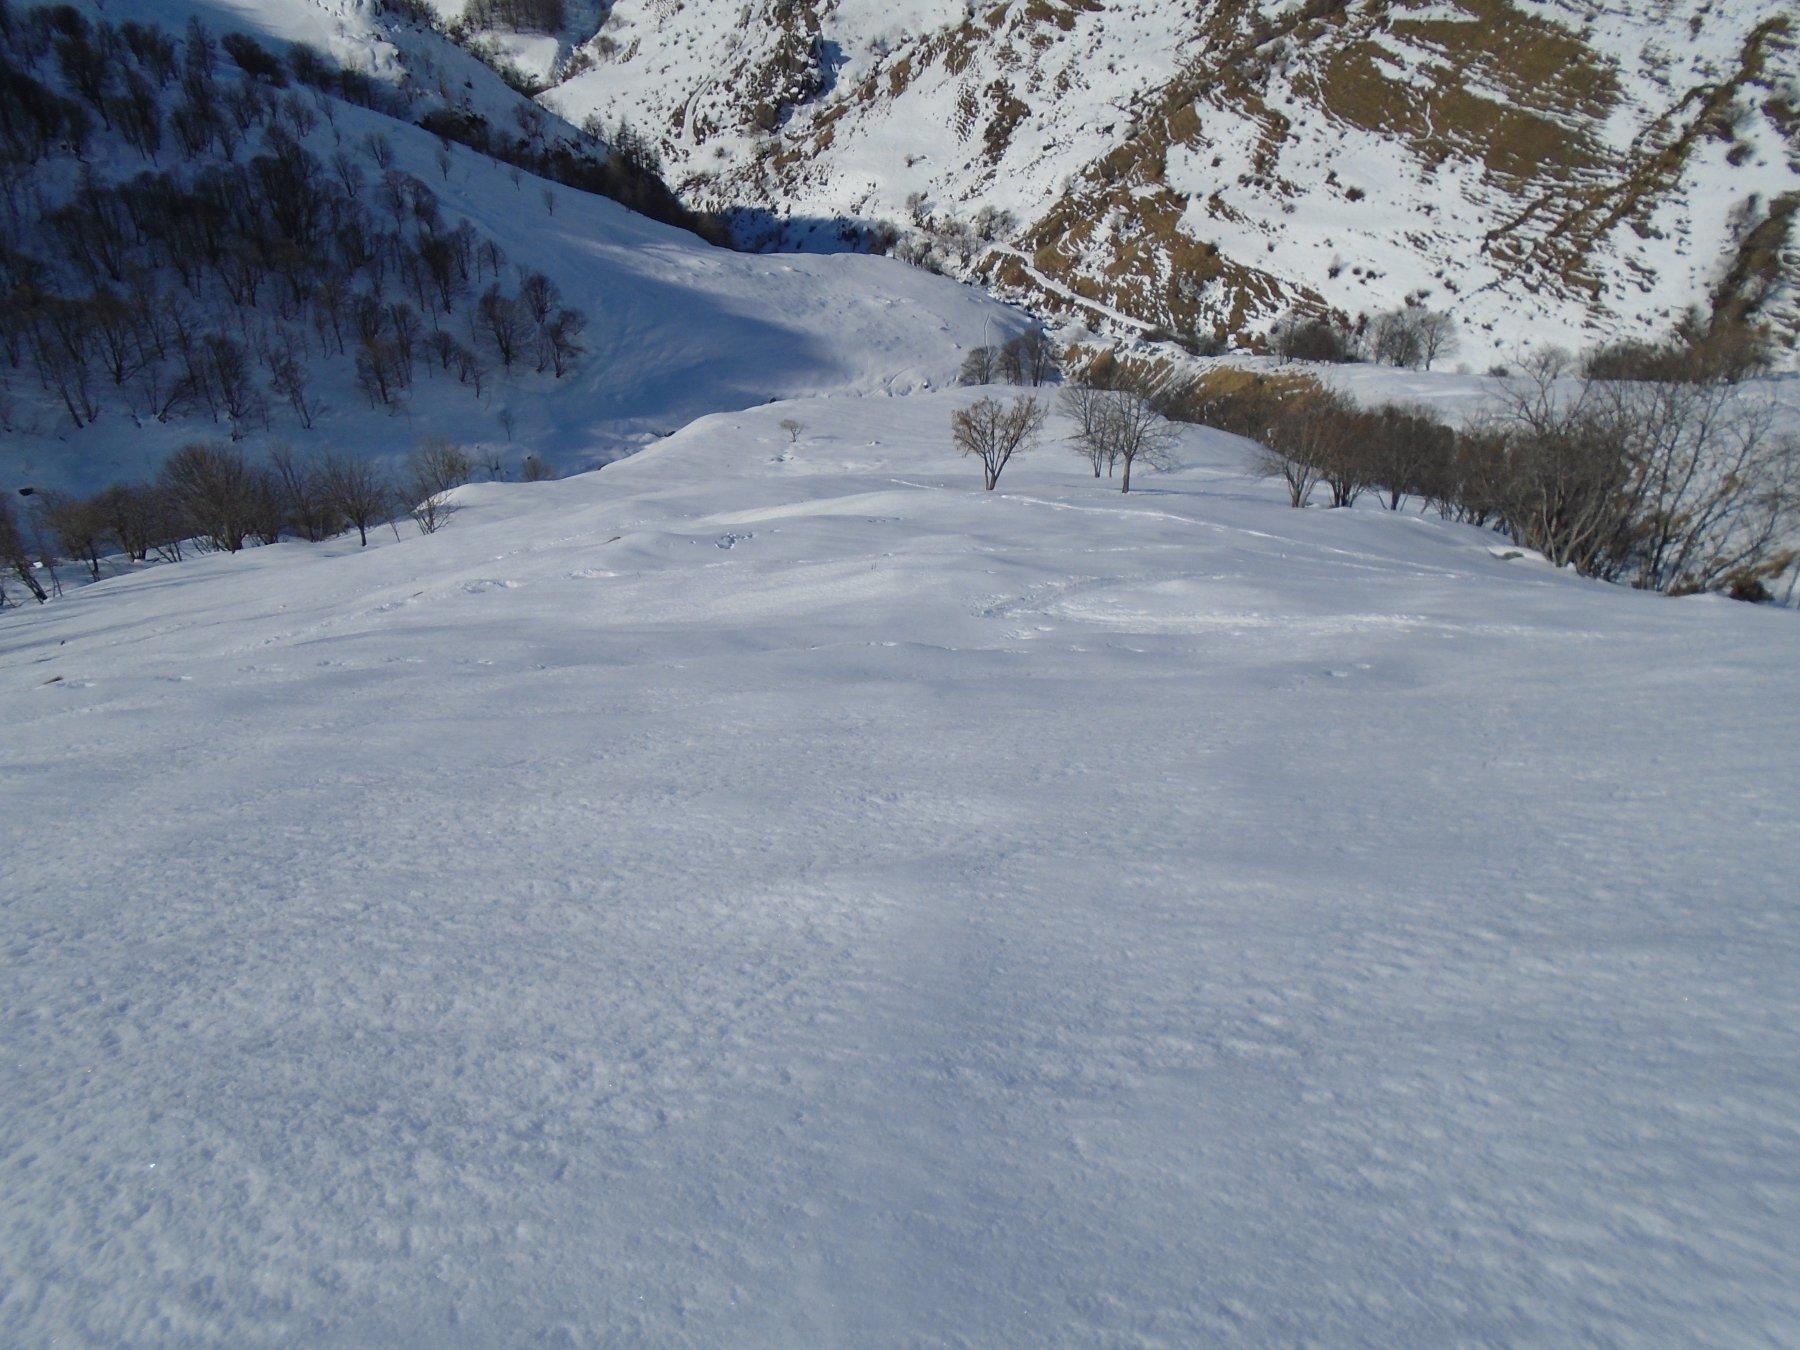 Parte bassa del pendio di salita/discesa, su neve non ancora smollata